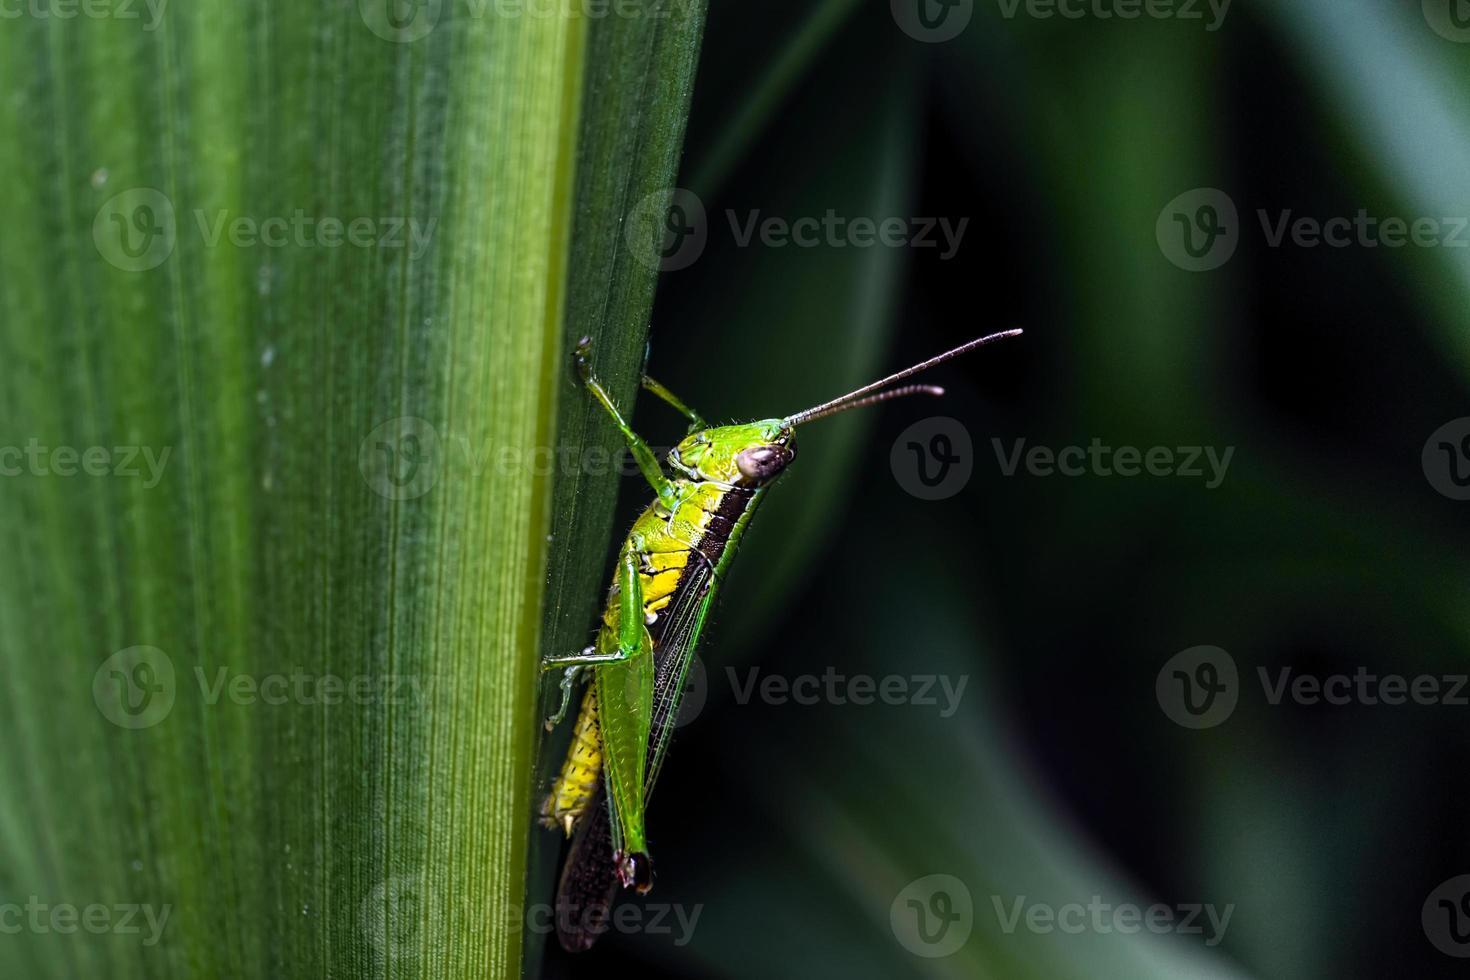 närbild av gräshoppa på ett blad foto